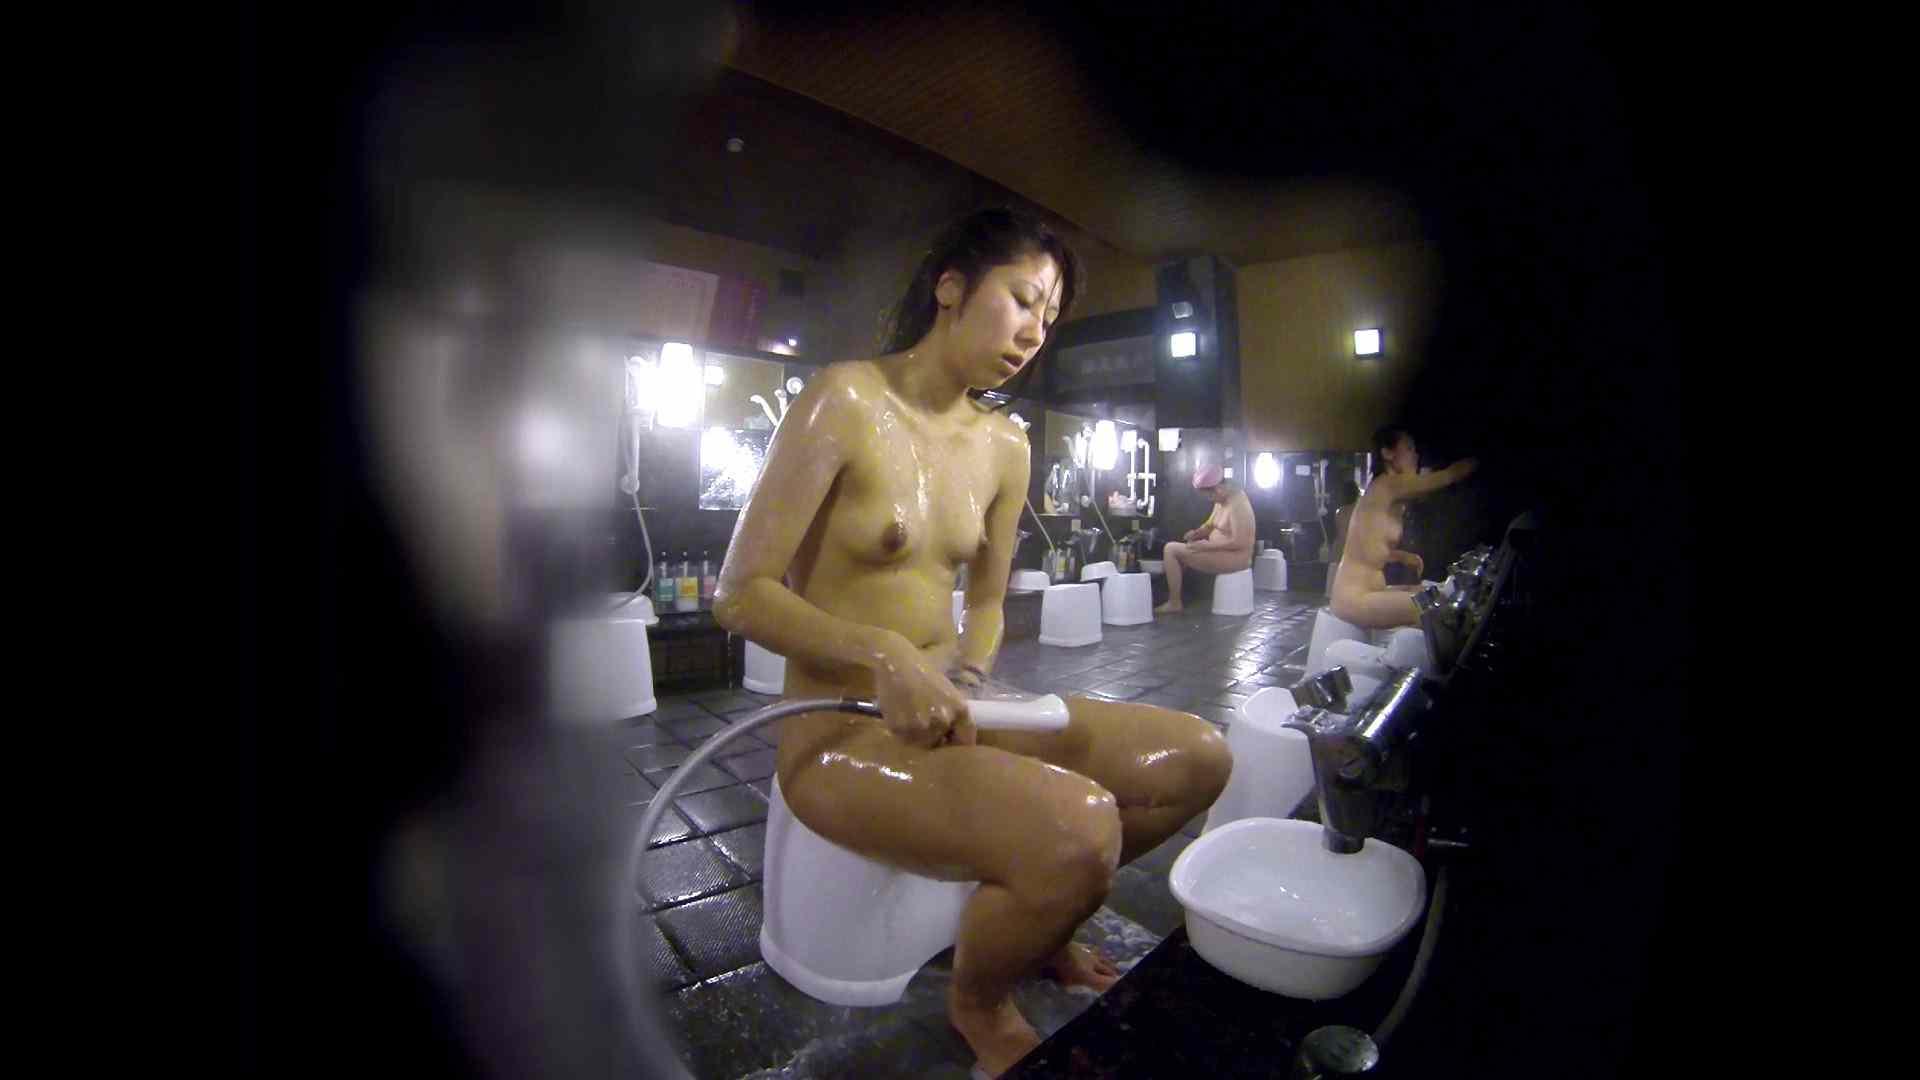 洗い場!綺麗に整えられた陰毛に嫉妬します。 エッチなお姉さん おめこ無修正動画無料 82画像 56